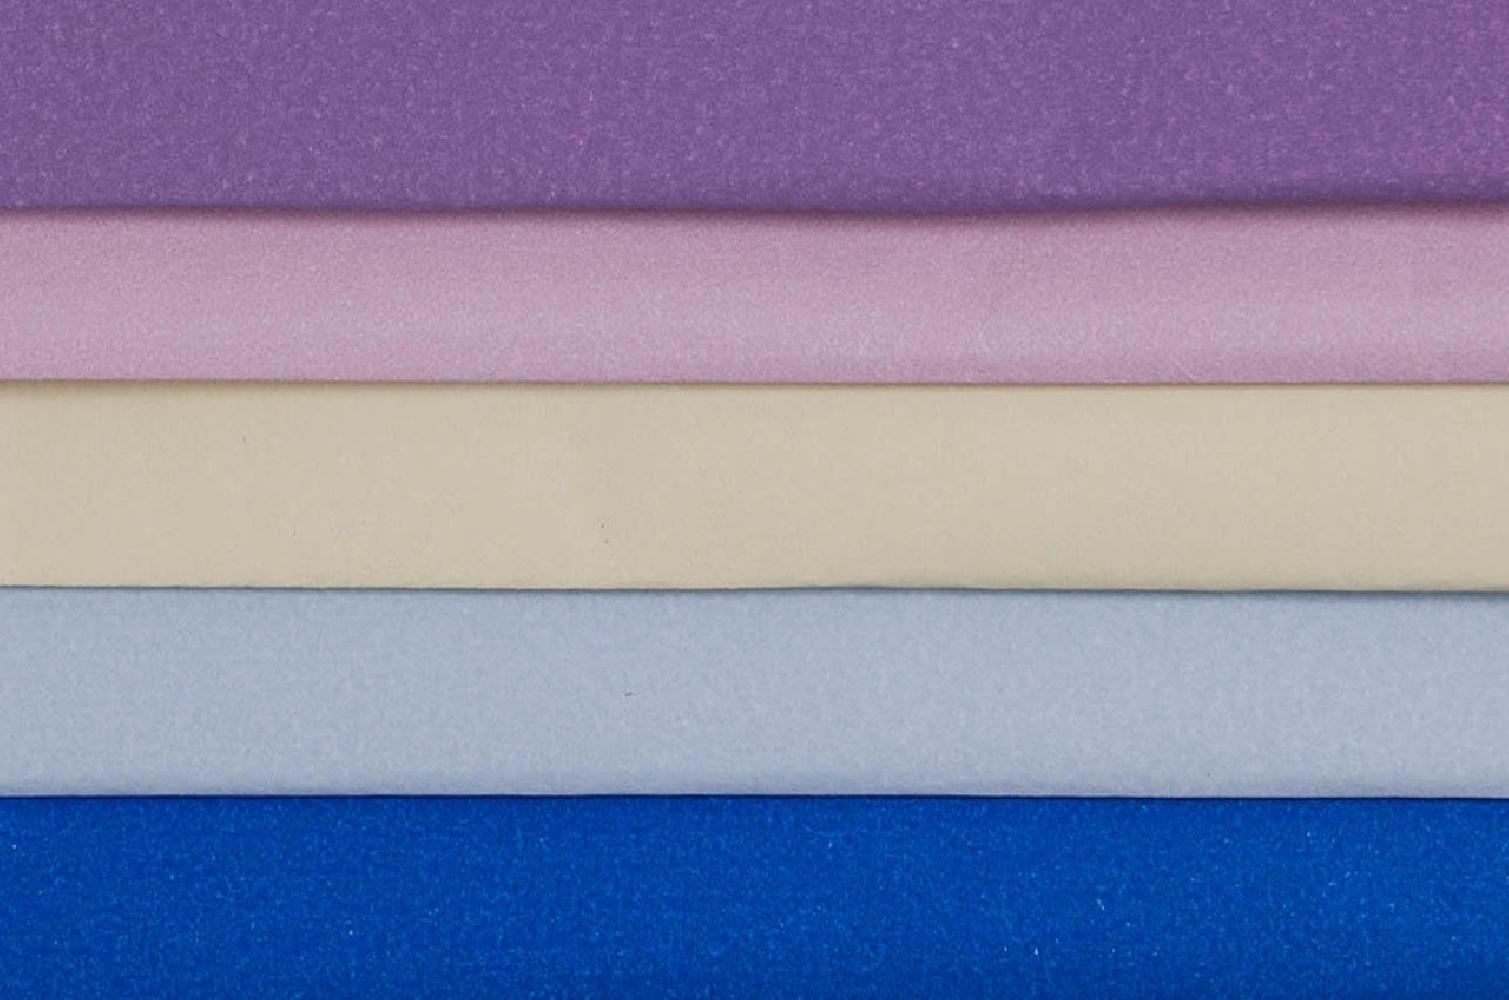 Super Carta da pacco colorato (25 fogli) - Incartare - Acquista online o  MJ93